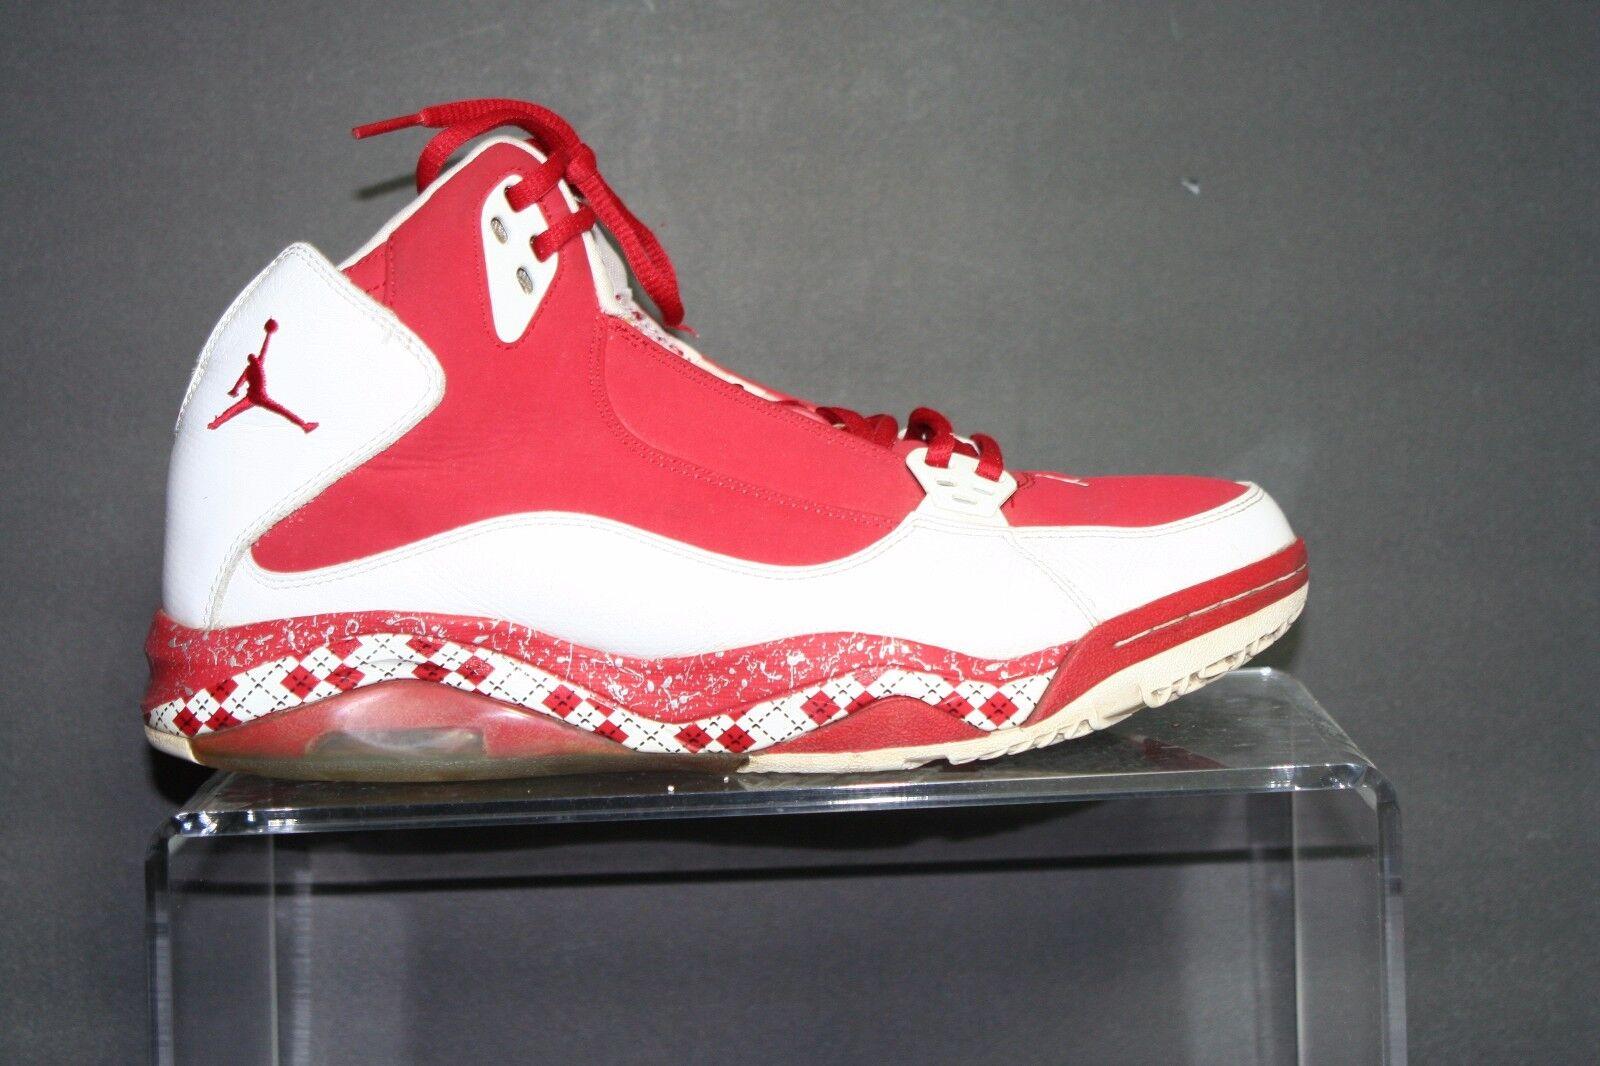 Nike Air Jordan Ol' School III 09' Sneakers Athletic Multi Red Men 10.5 Hipster